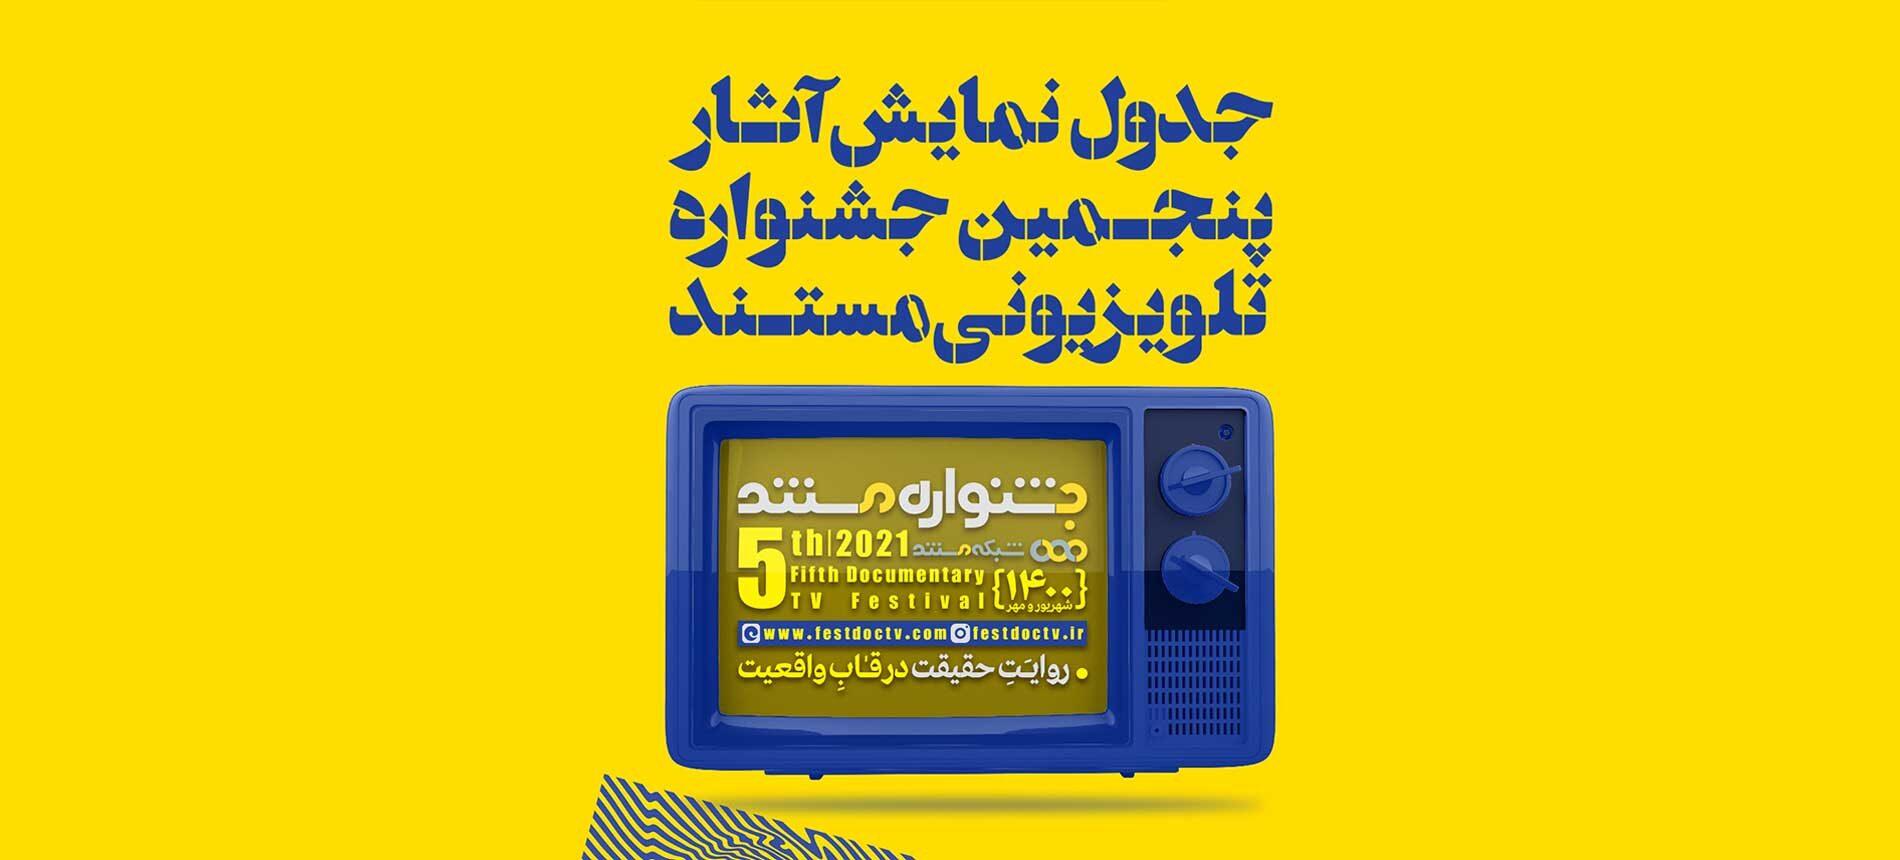 جدول زمان پخش فیلم های پنجمین جشنواره تلویزیونی مستند